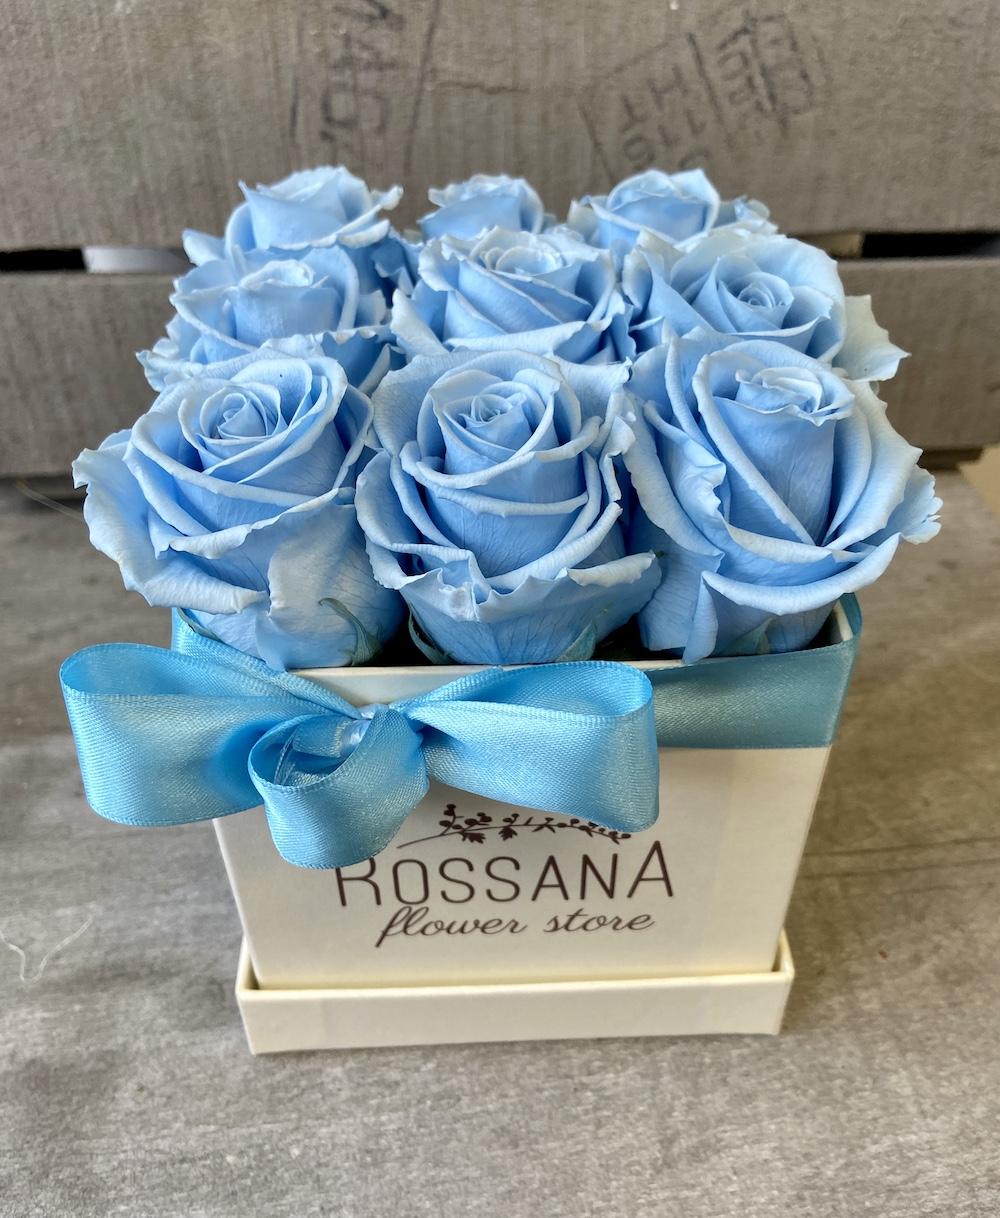 flower box rose stabilizzate florashopping Rossana flower store NovellinoIMG_0827 azzurro